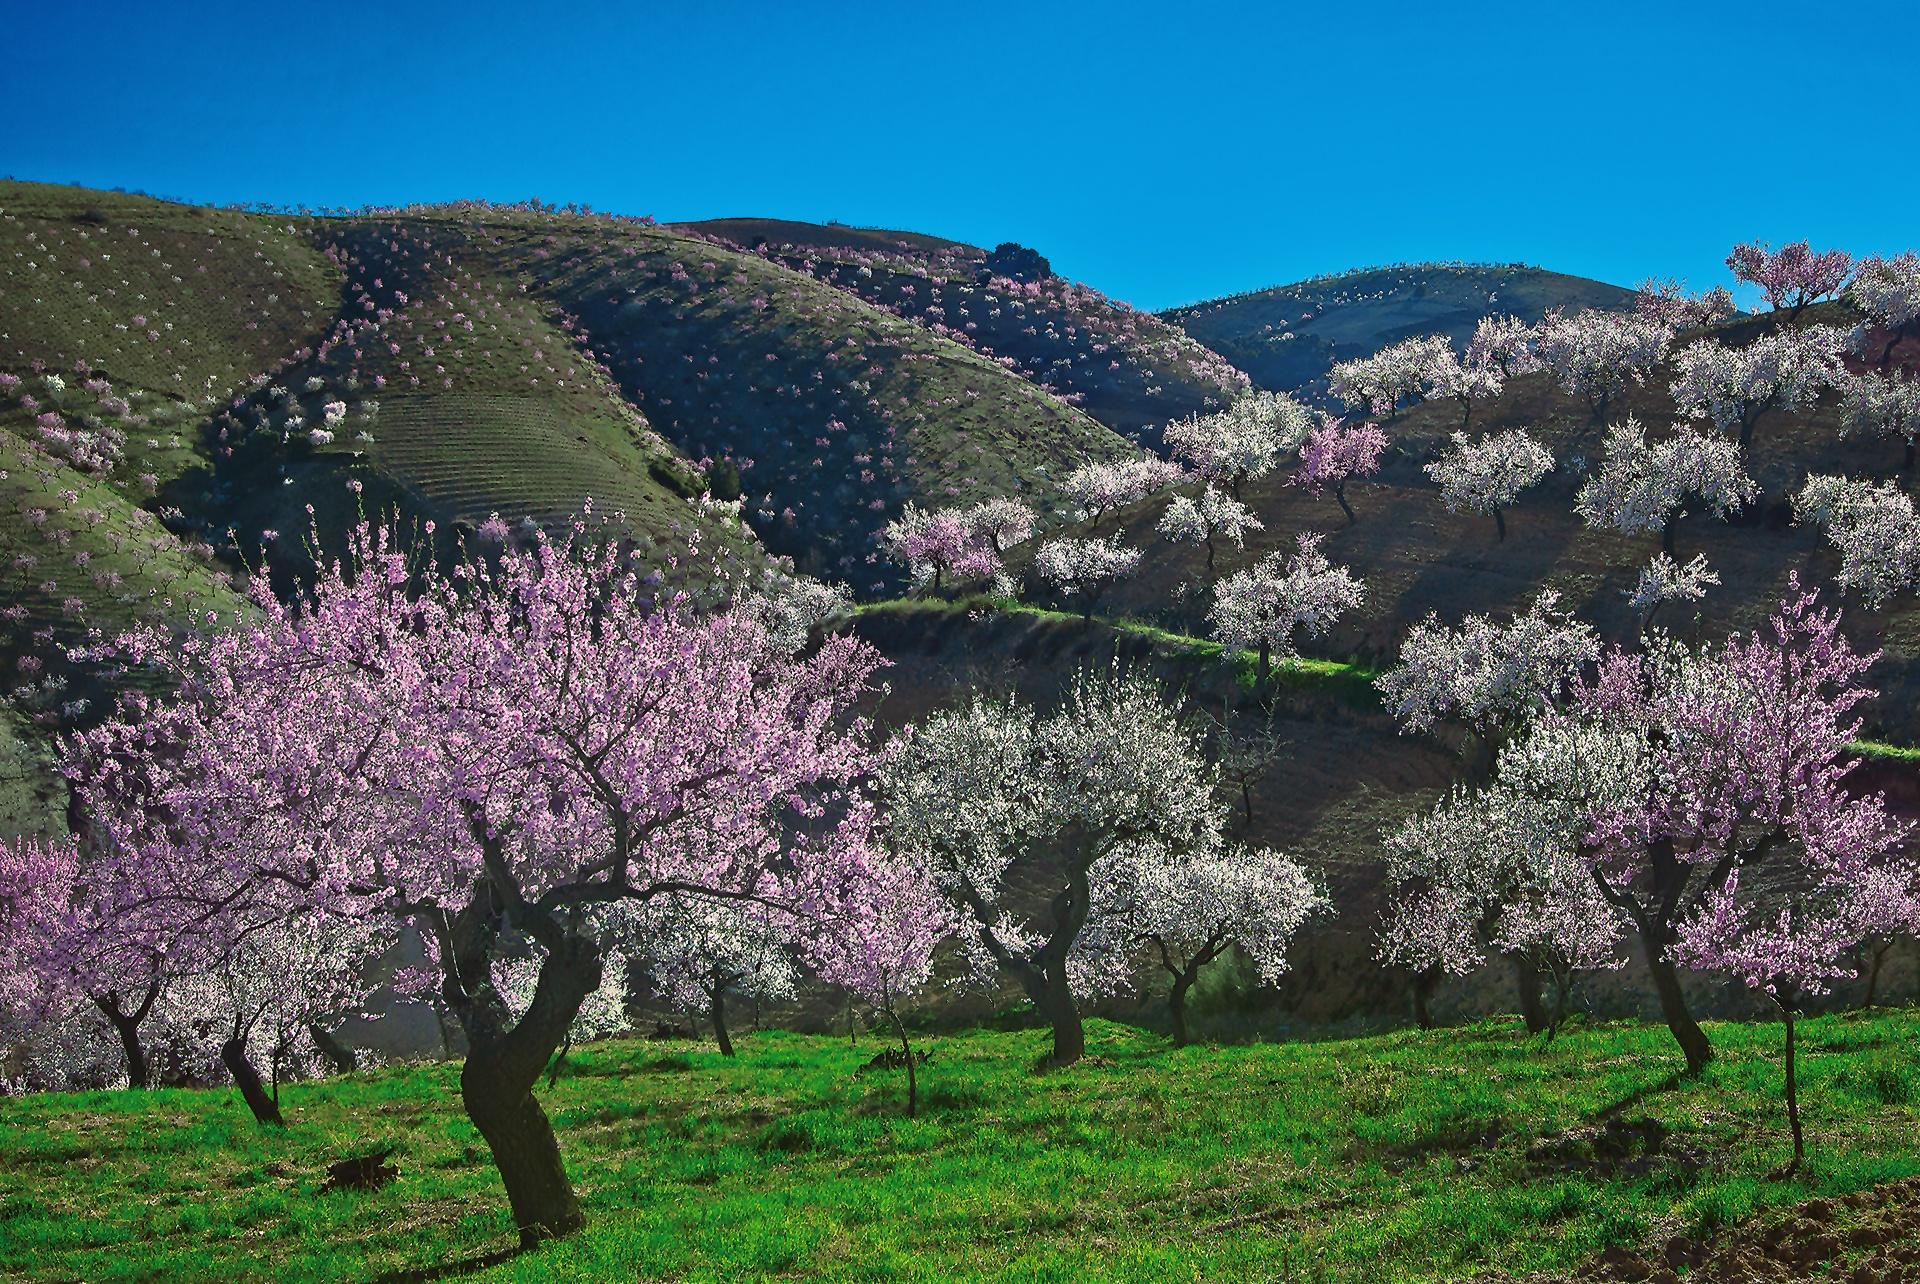 Las Alpujarras - Undulations - Peter Manschot Al Andalus Photo Tour, Landscape photography photos prints workshops Andalusia Spain